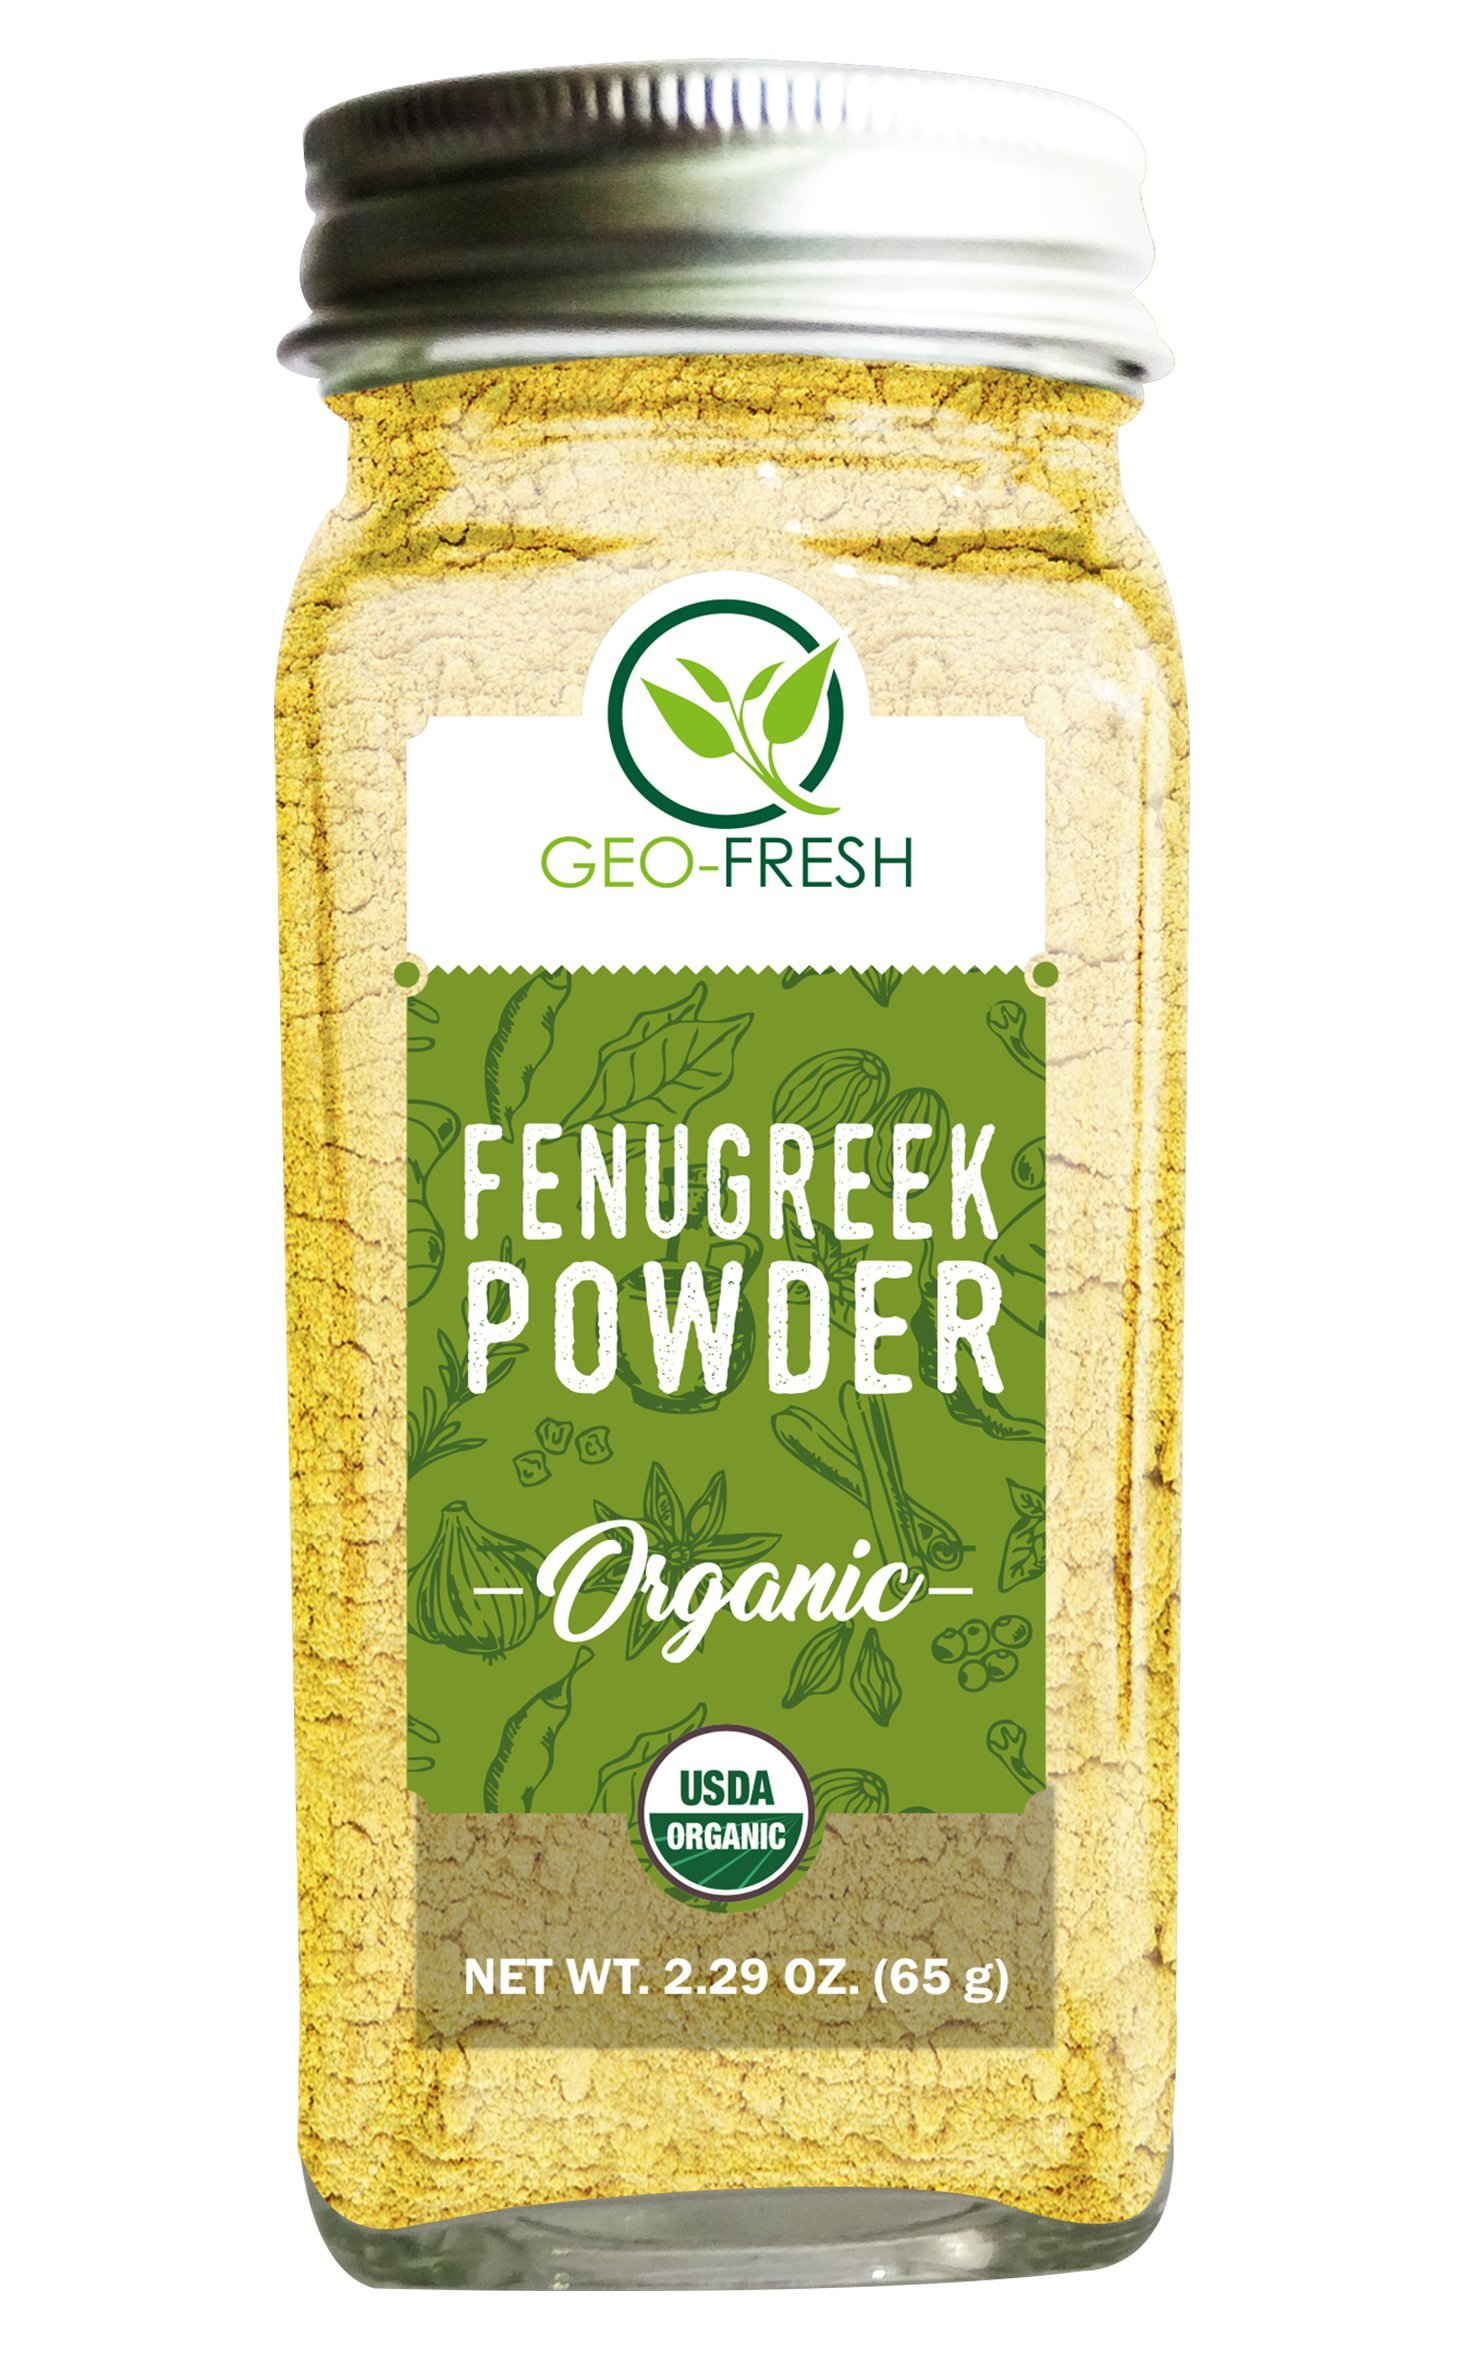 Geo-Fresh Organic Fenugreek Powder 2.29 OZ. (65g)